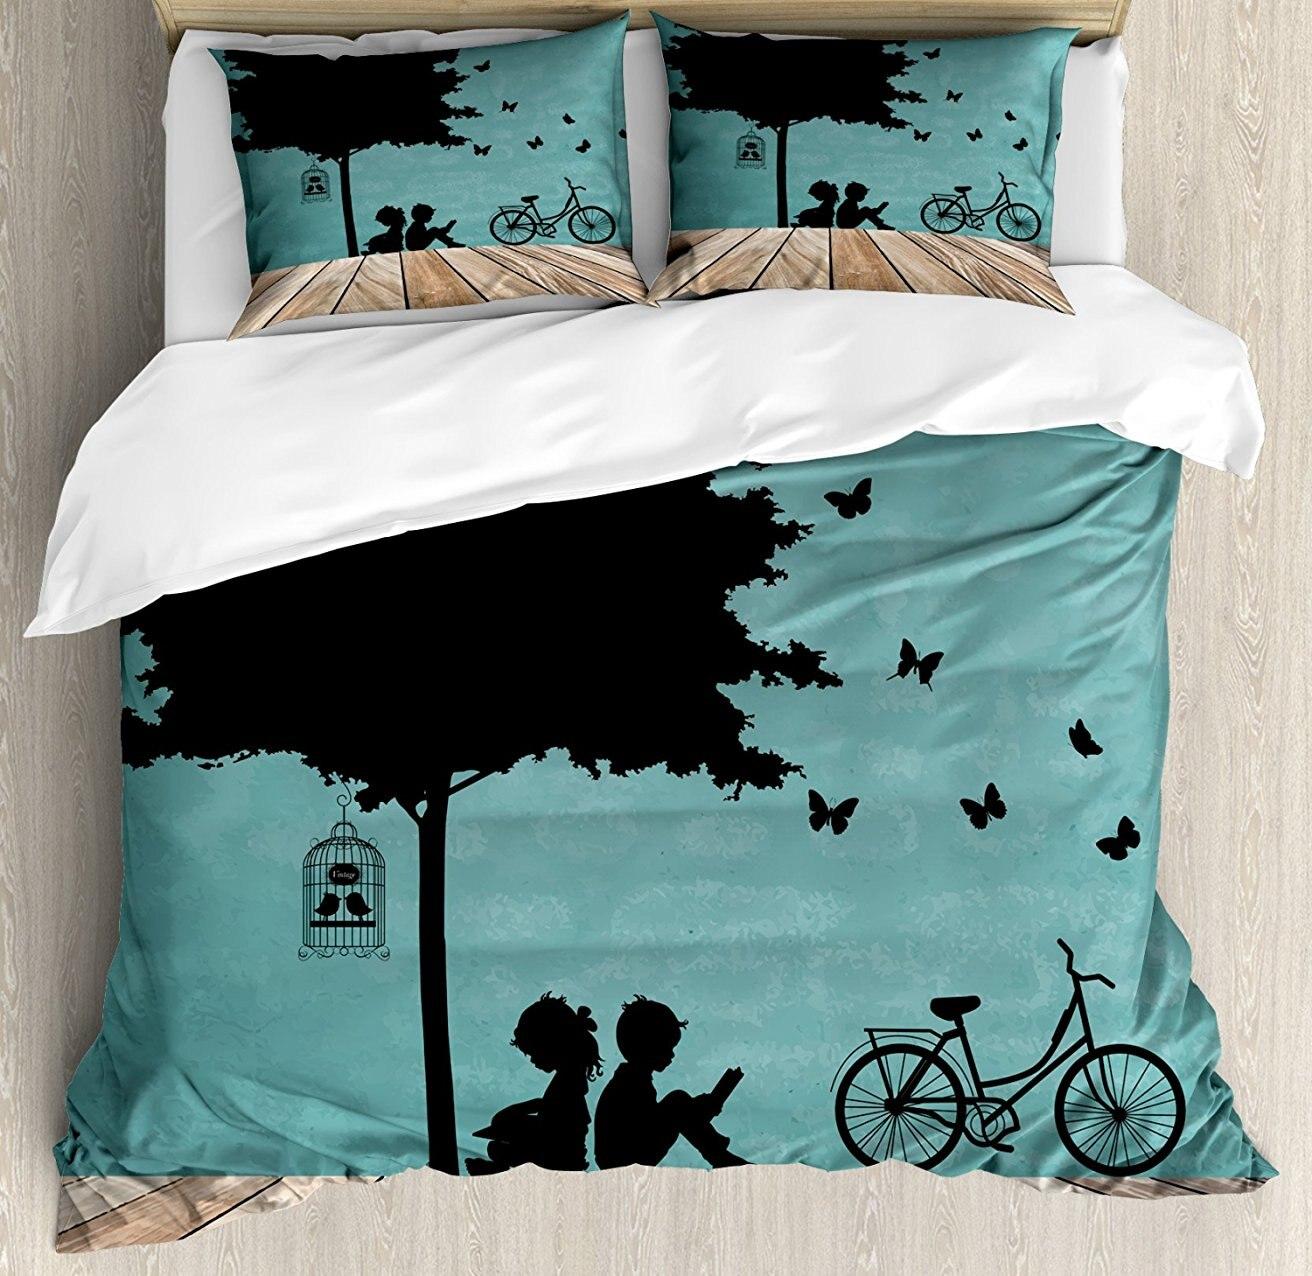 Детское постельное белье, мальчик и девочка дети чтения под дерево с Bird Cage и велосипед, 4 шт. Постельное белье